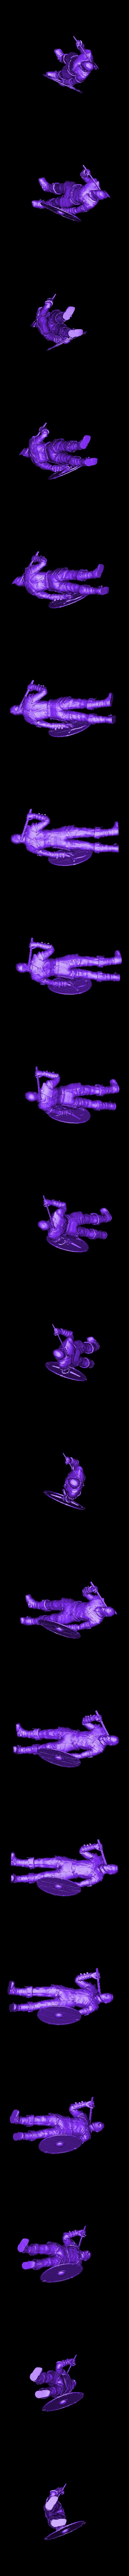 VIKING.stl Télécharger fichier STL gratuit VIKING • Plan pour impression 3D, Boris3dStudio